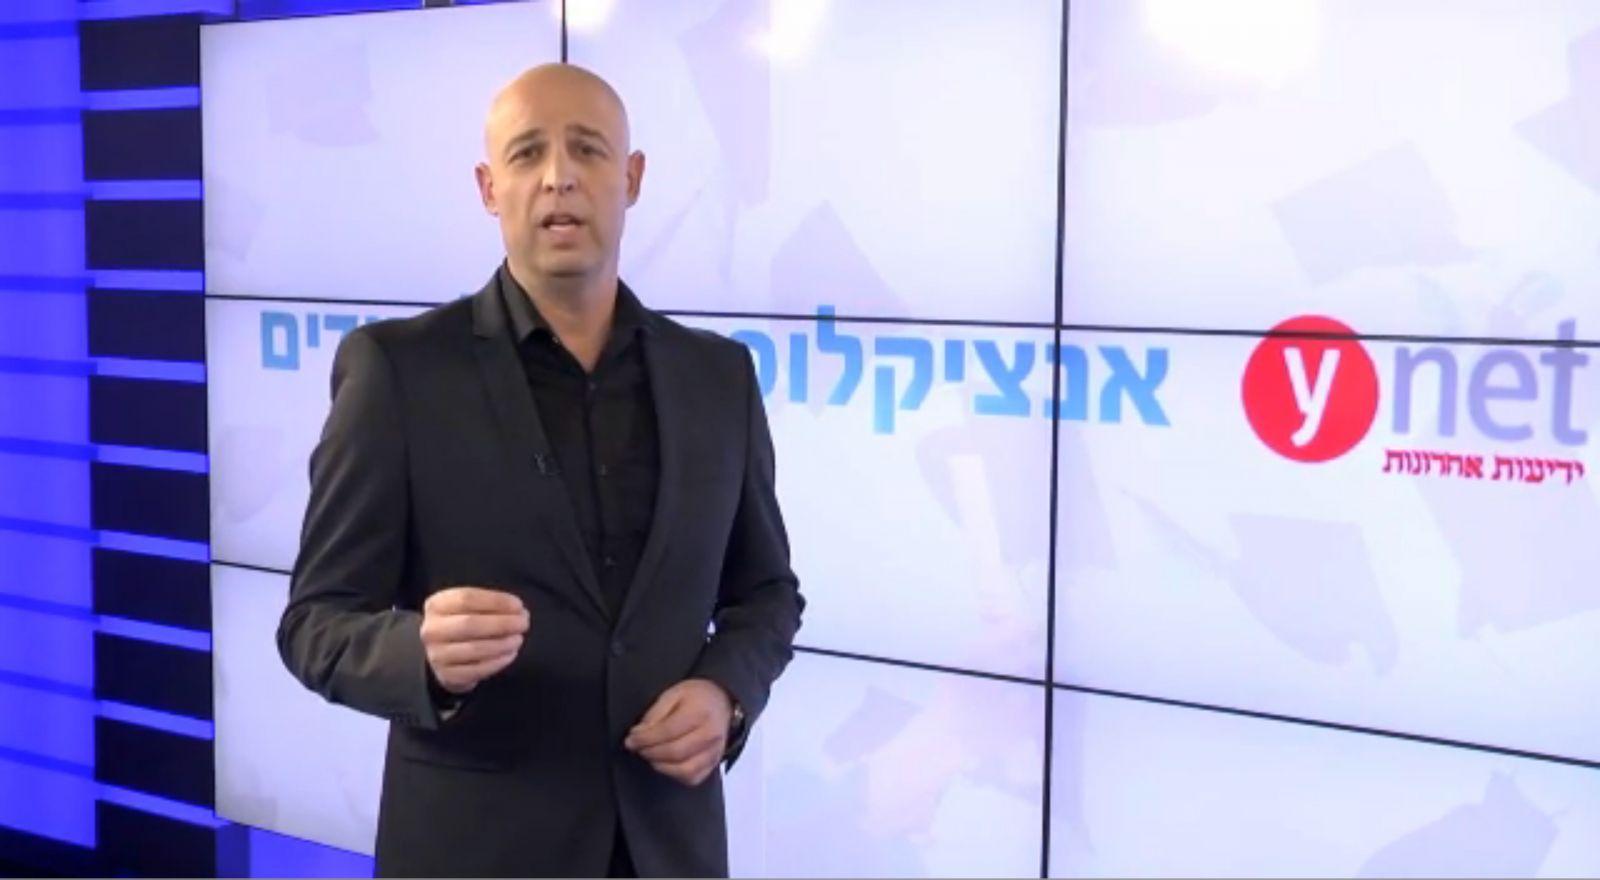 """דורון כהן מנחה את """"אנציקלופדיית הלימודים"""" של ynet, הכינוי שניתן לסדרת סרטונים פרסומיים בנושאי לימודים אקדמיים (צילום מסך)"""